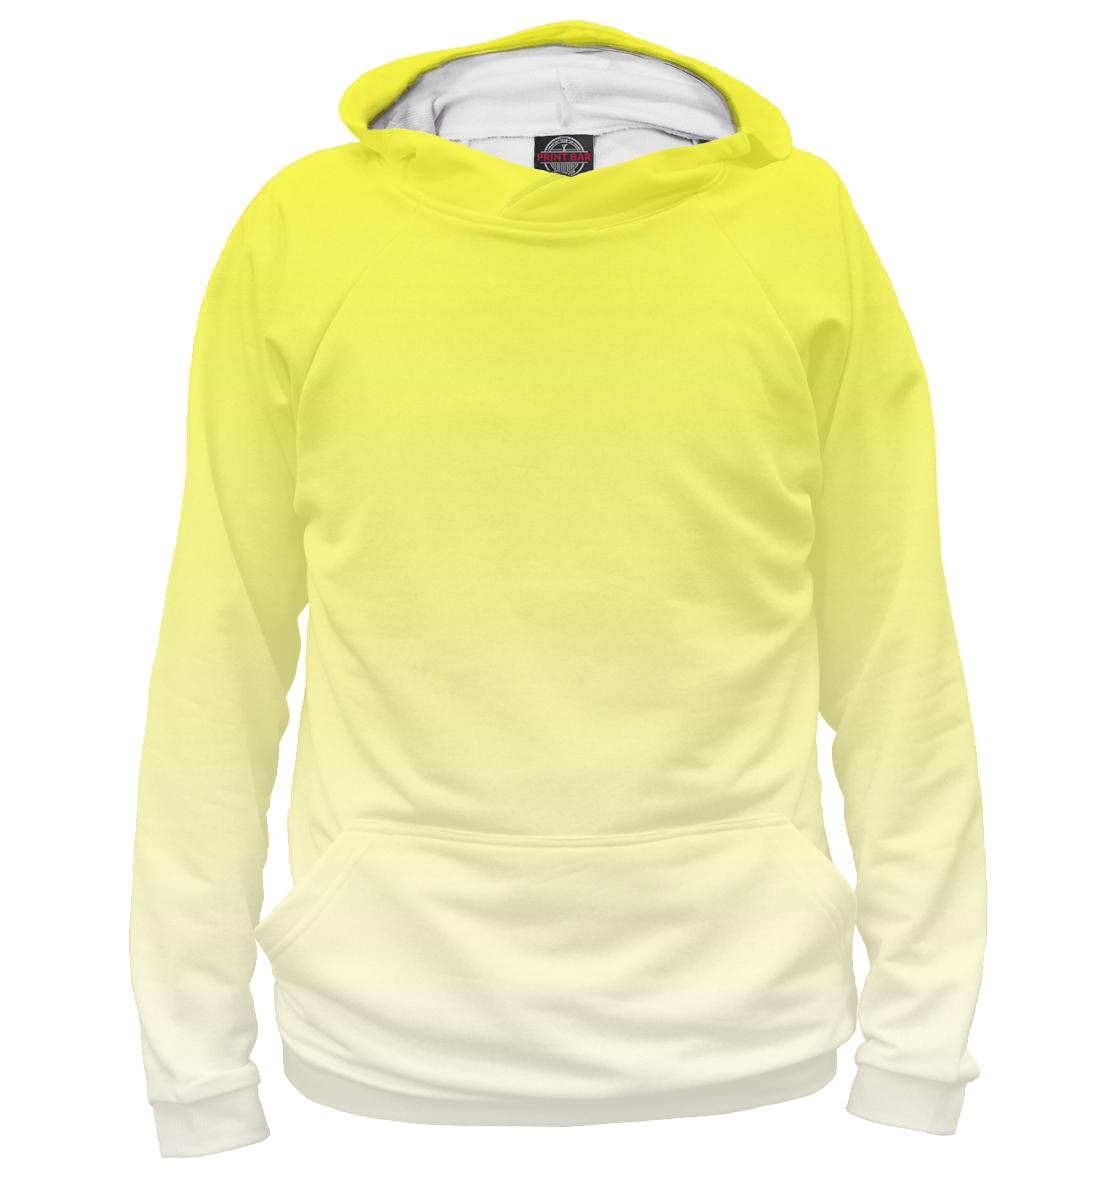 Купить Градиент Желтый в Белый, Printbar, Худи, CLR-252060-hud-1